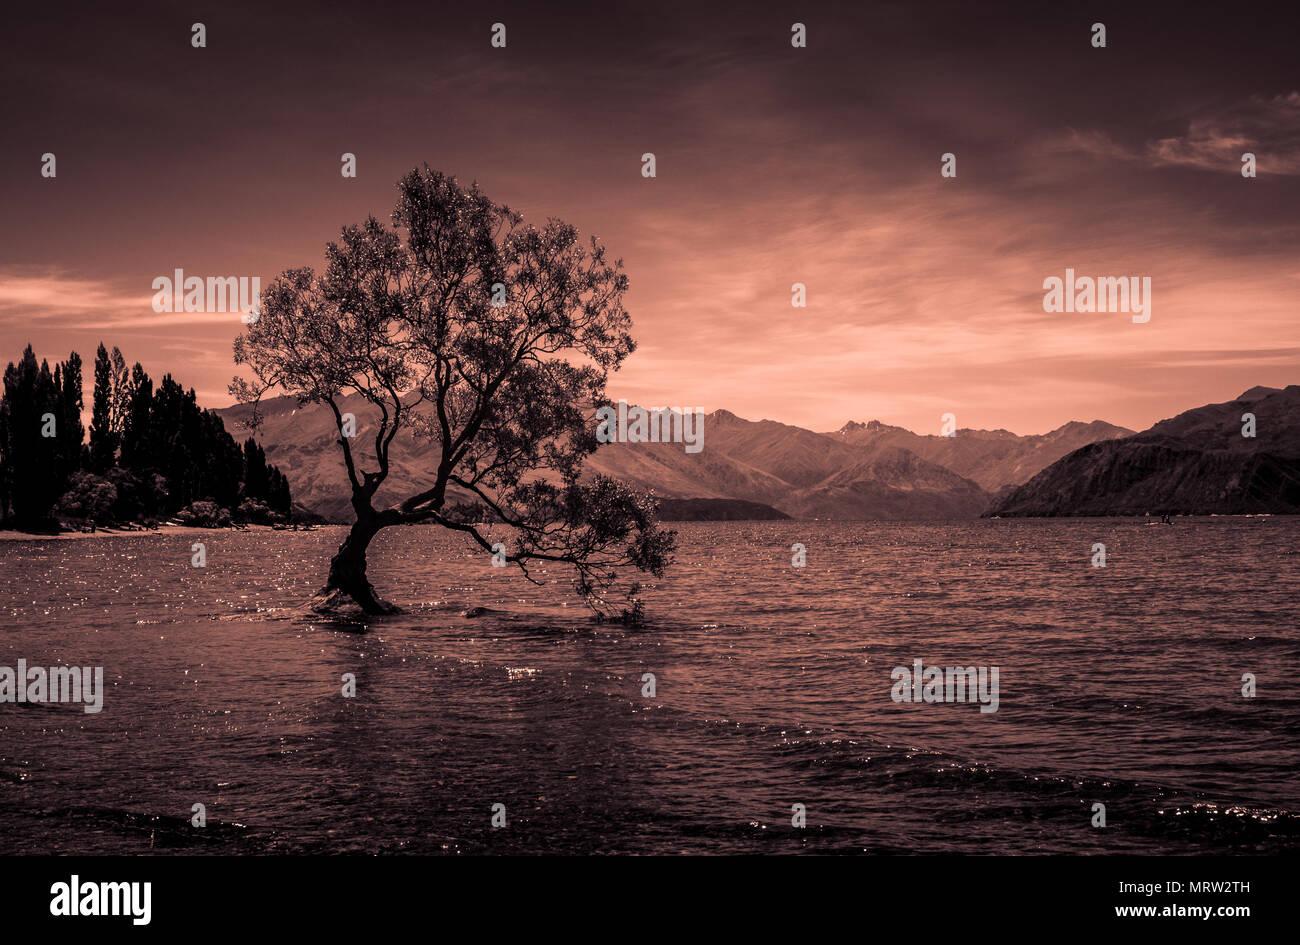 Che arriva a Wanaka tree - famoso lonely albero che cresce nel lago Wanaka nell isola del sud della Nuova Zelanda, montagne sullo sfondo, arancio il tono utilizzato Foto Stock